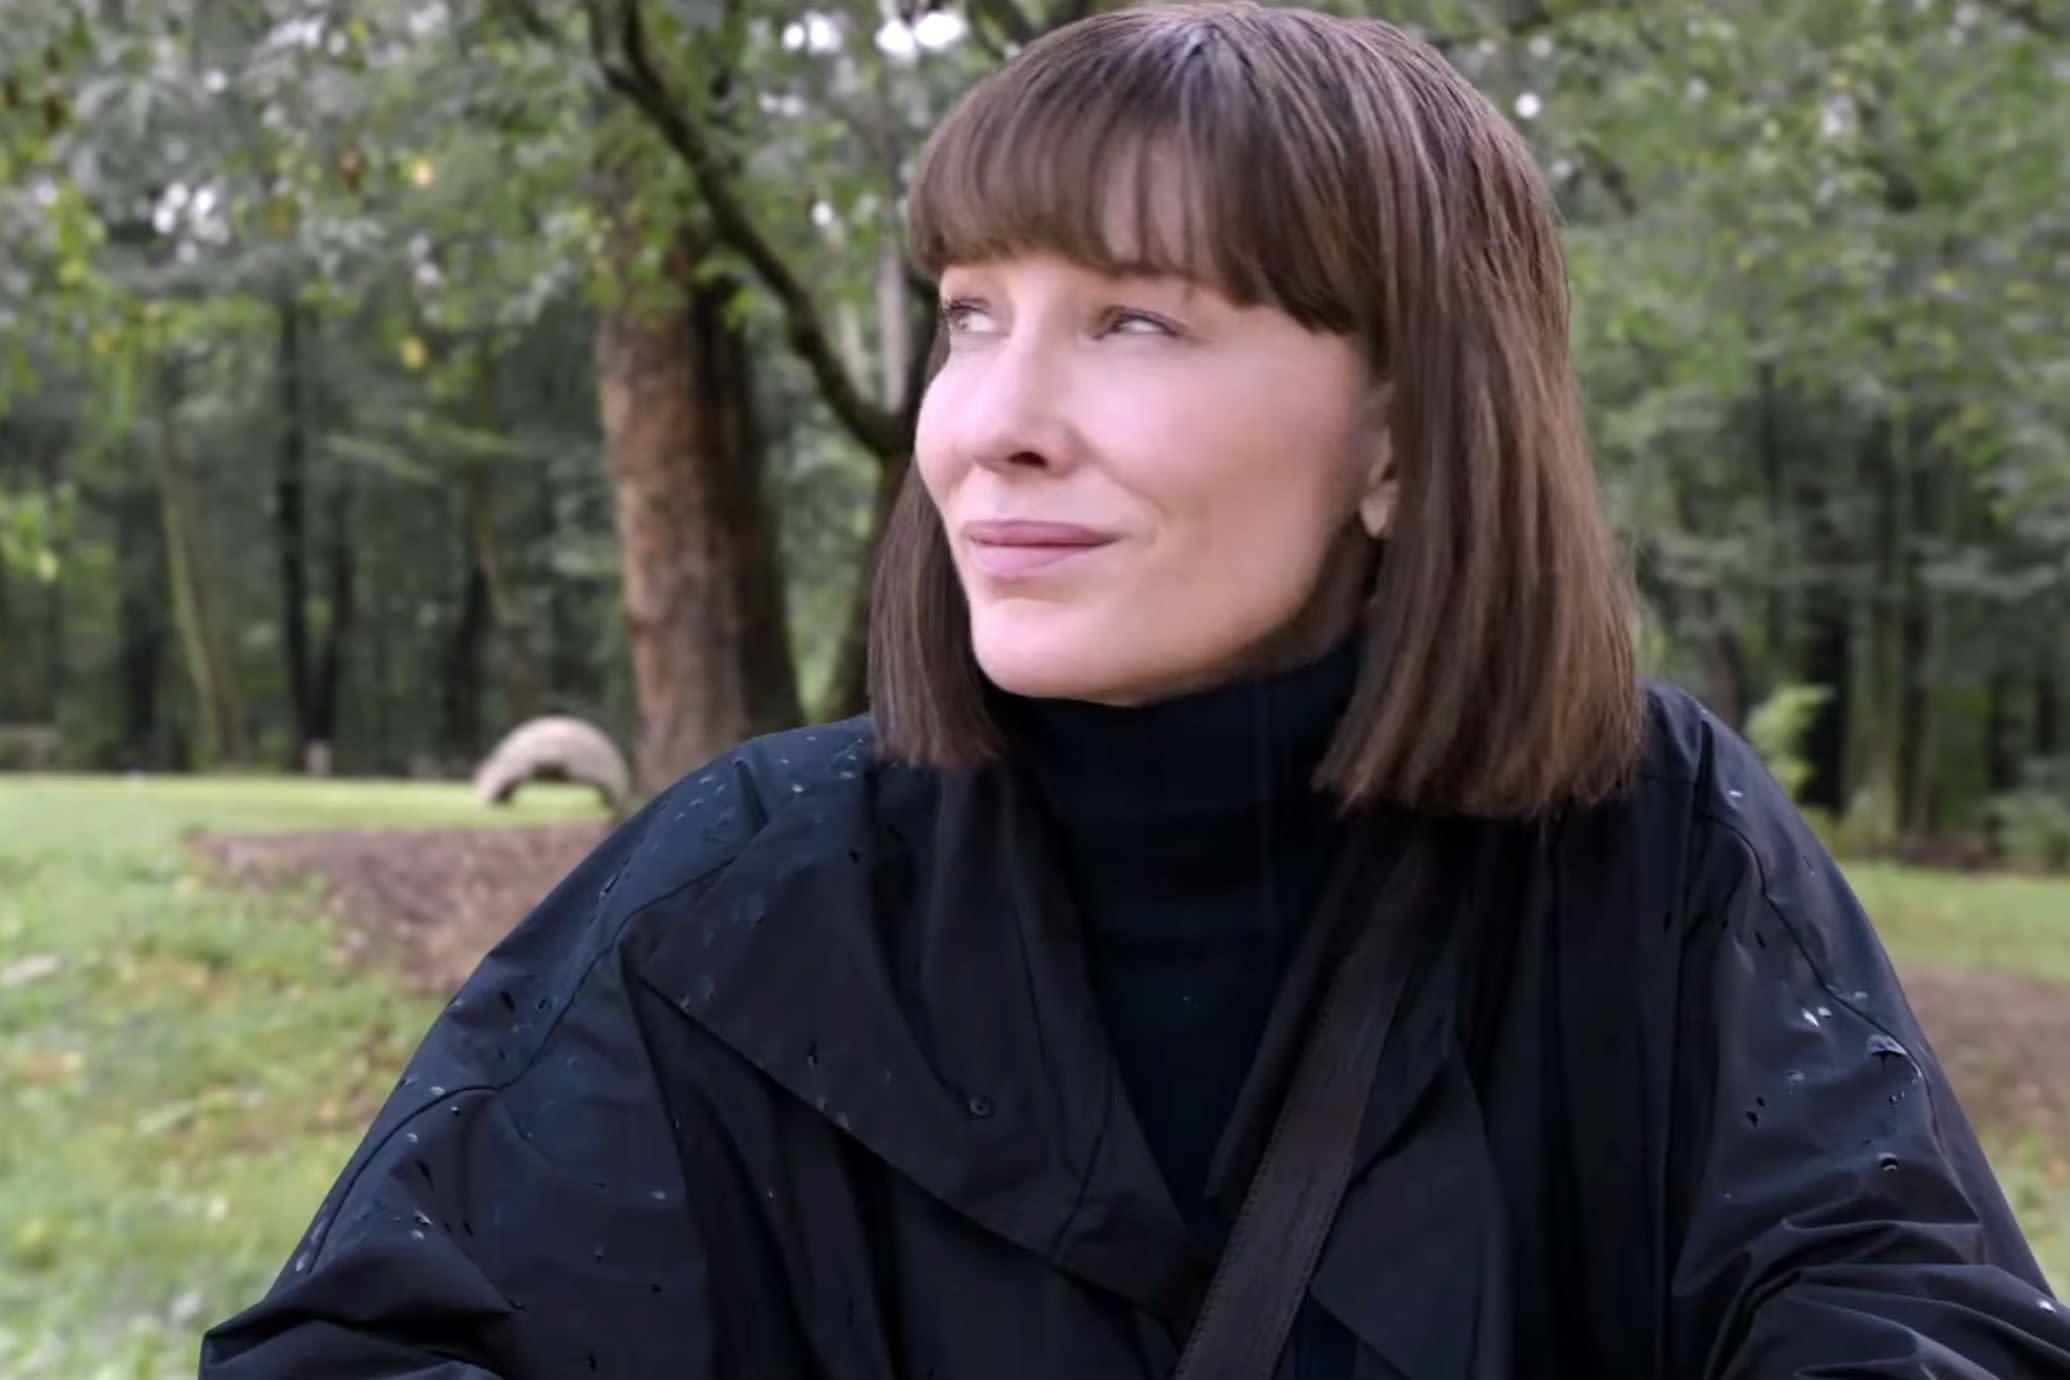 Caroline Quentin (born 1960) pics